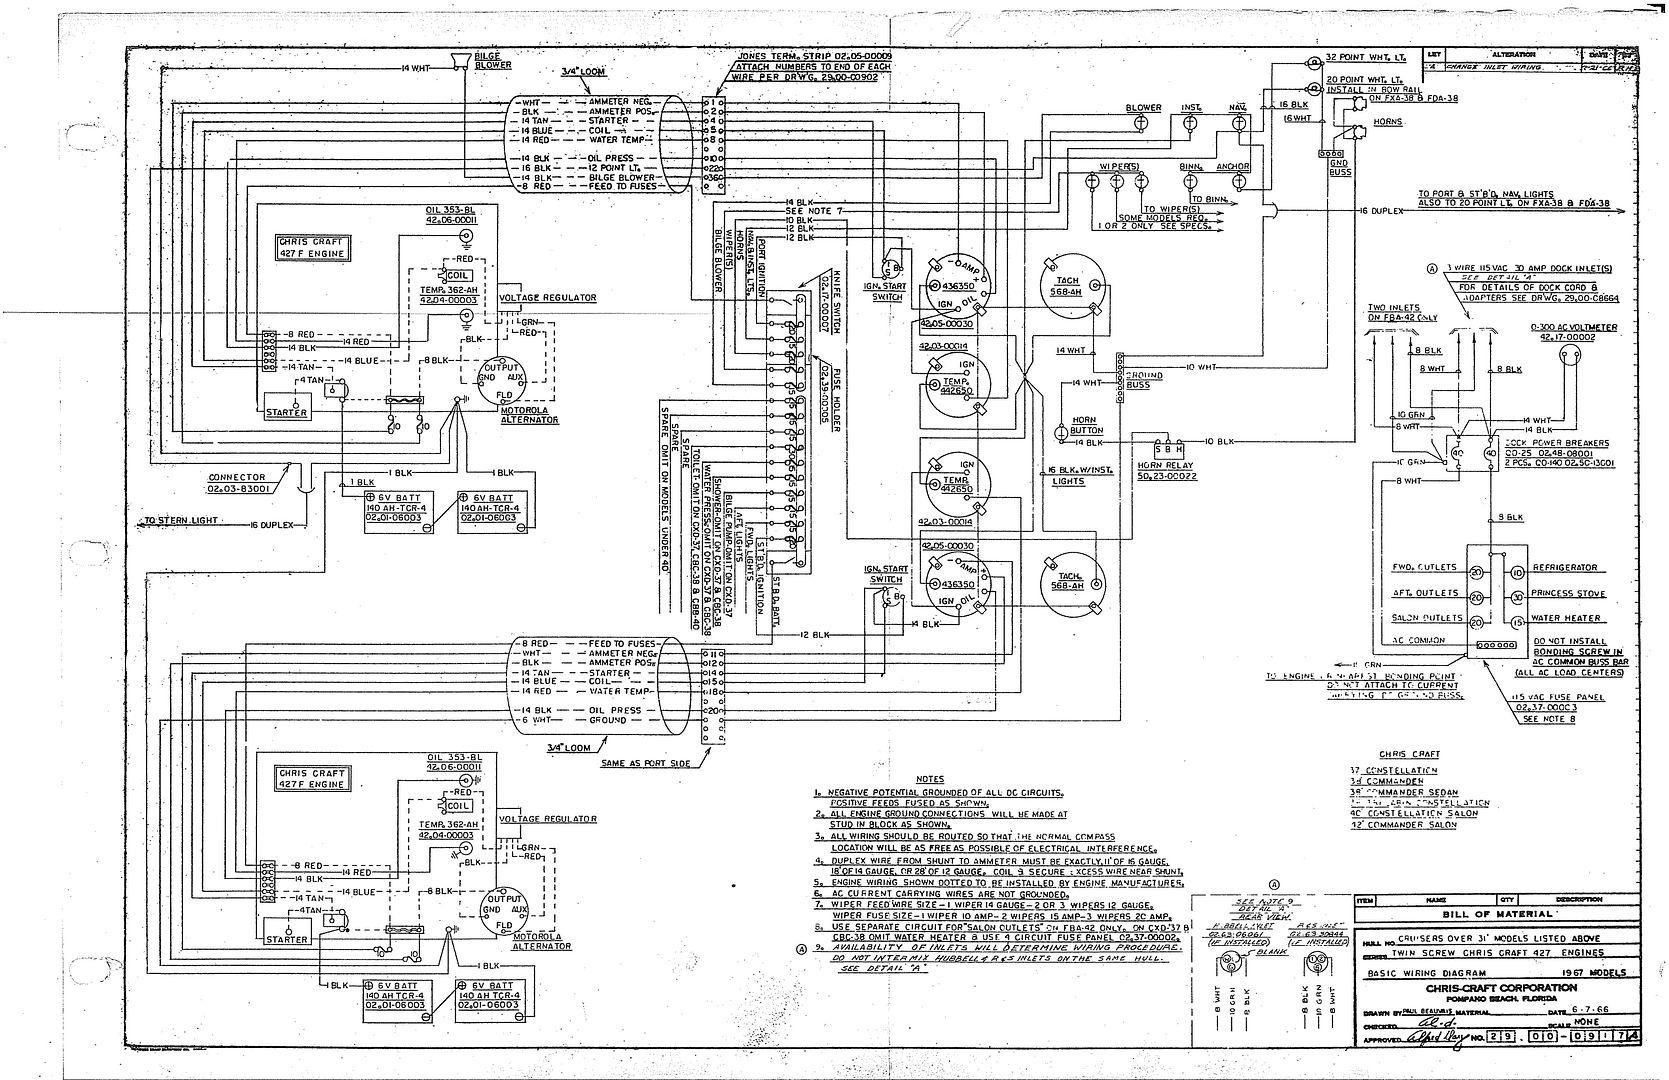 911ep Super Comander Wiring Diagram Buick Roadmaster Wiring Schematics 5pin Bmw1992 Warmi Fr